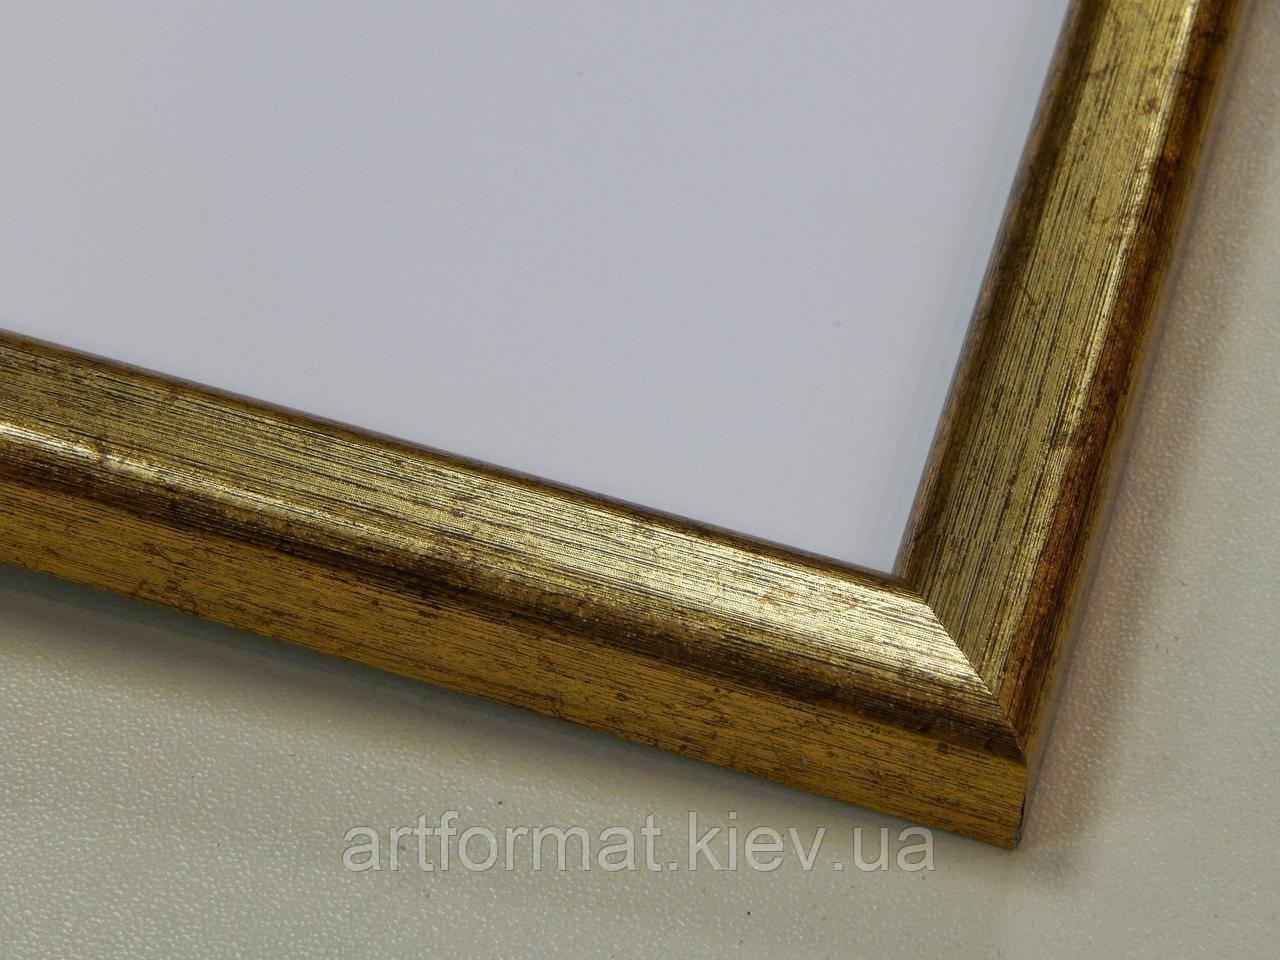 Рамка А4 (297х210).Рамка пластиковая 14 мм.Золото состаренное.